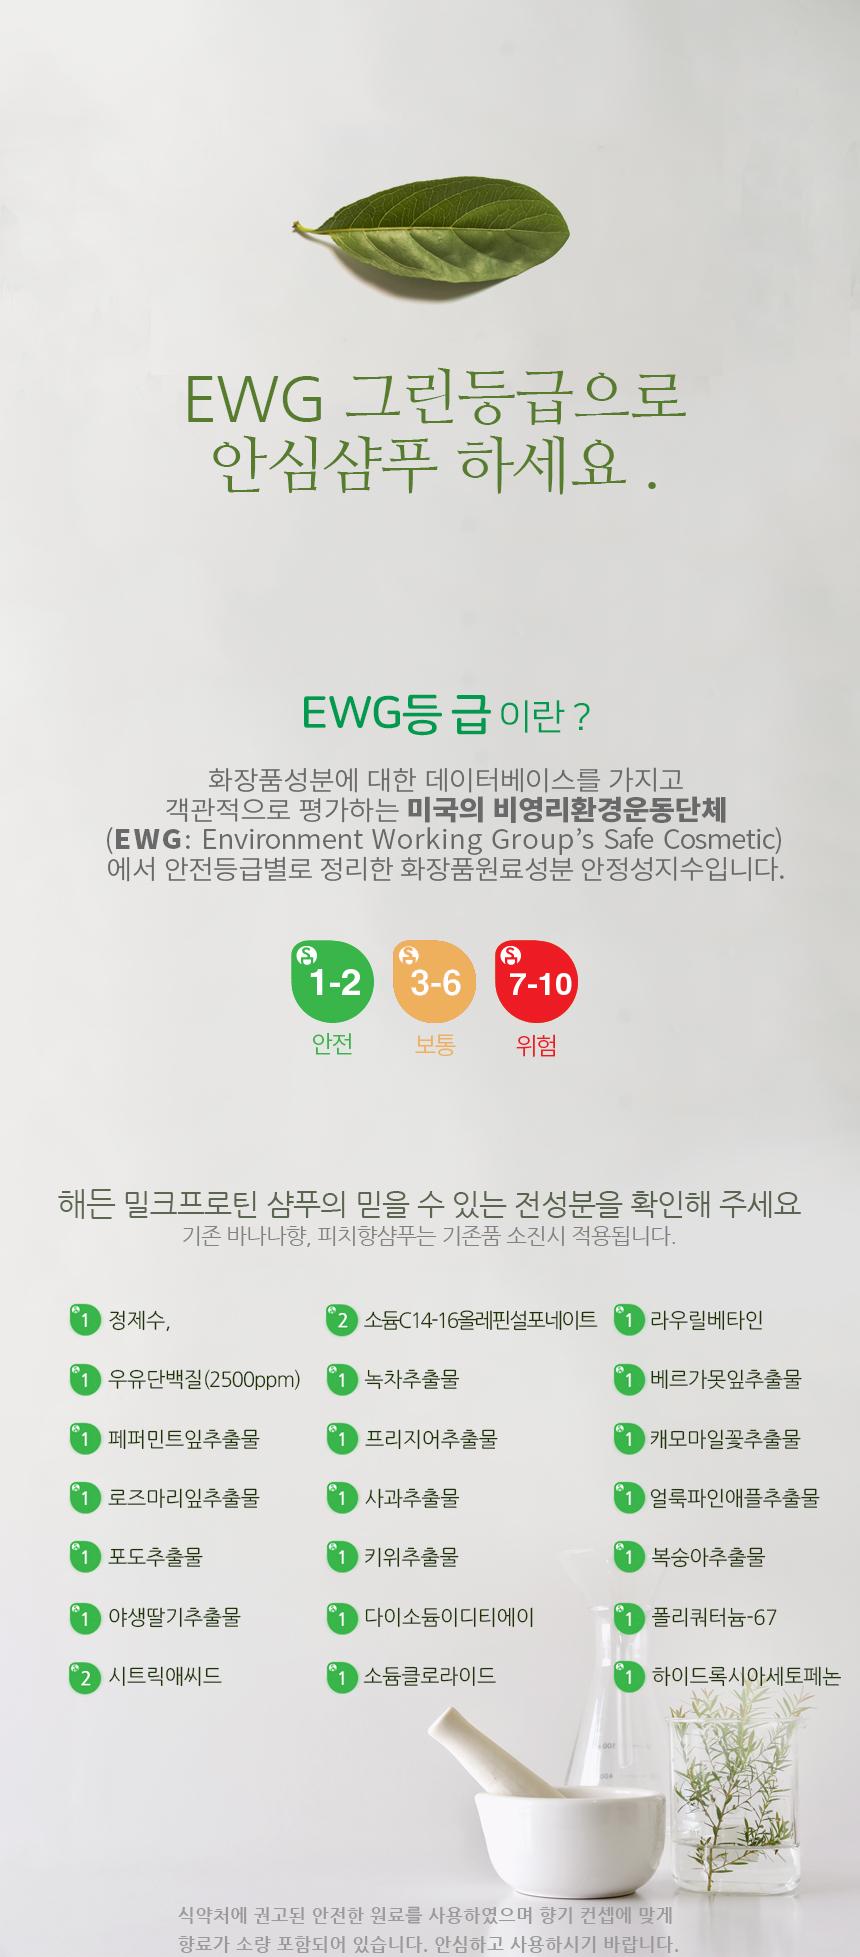 4eec5b9d12e4fd6012c4860b1e10995f_1526259962_3876.jpg